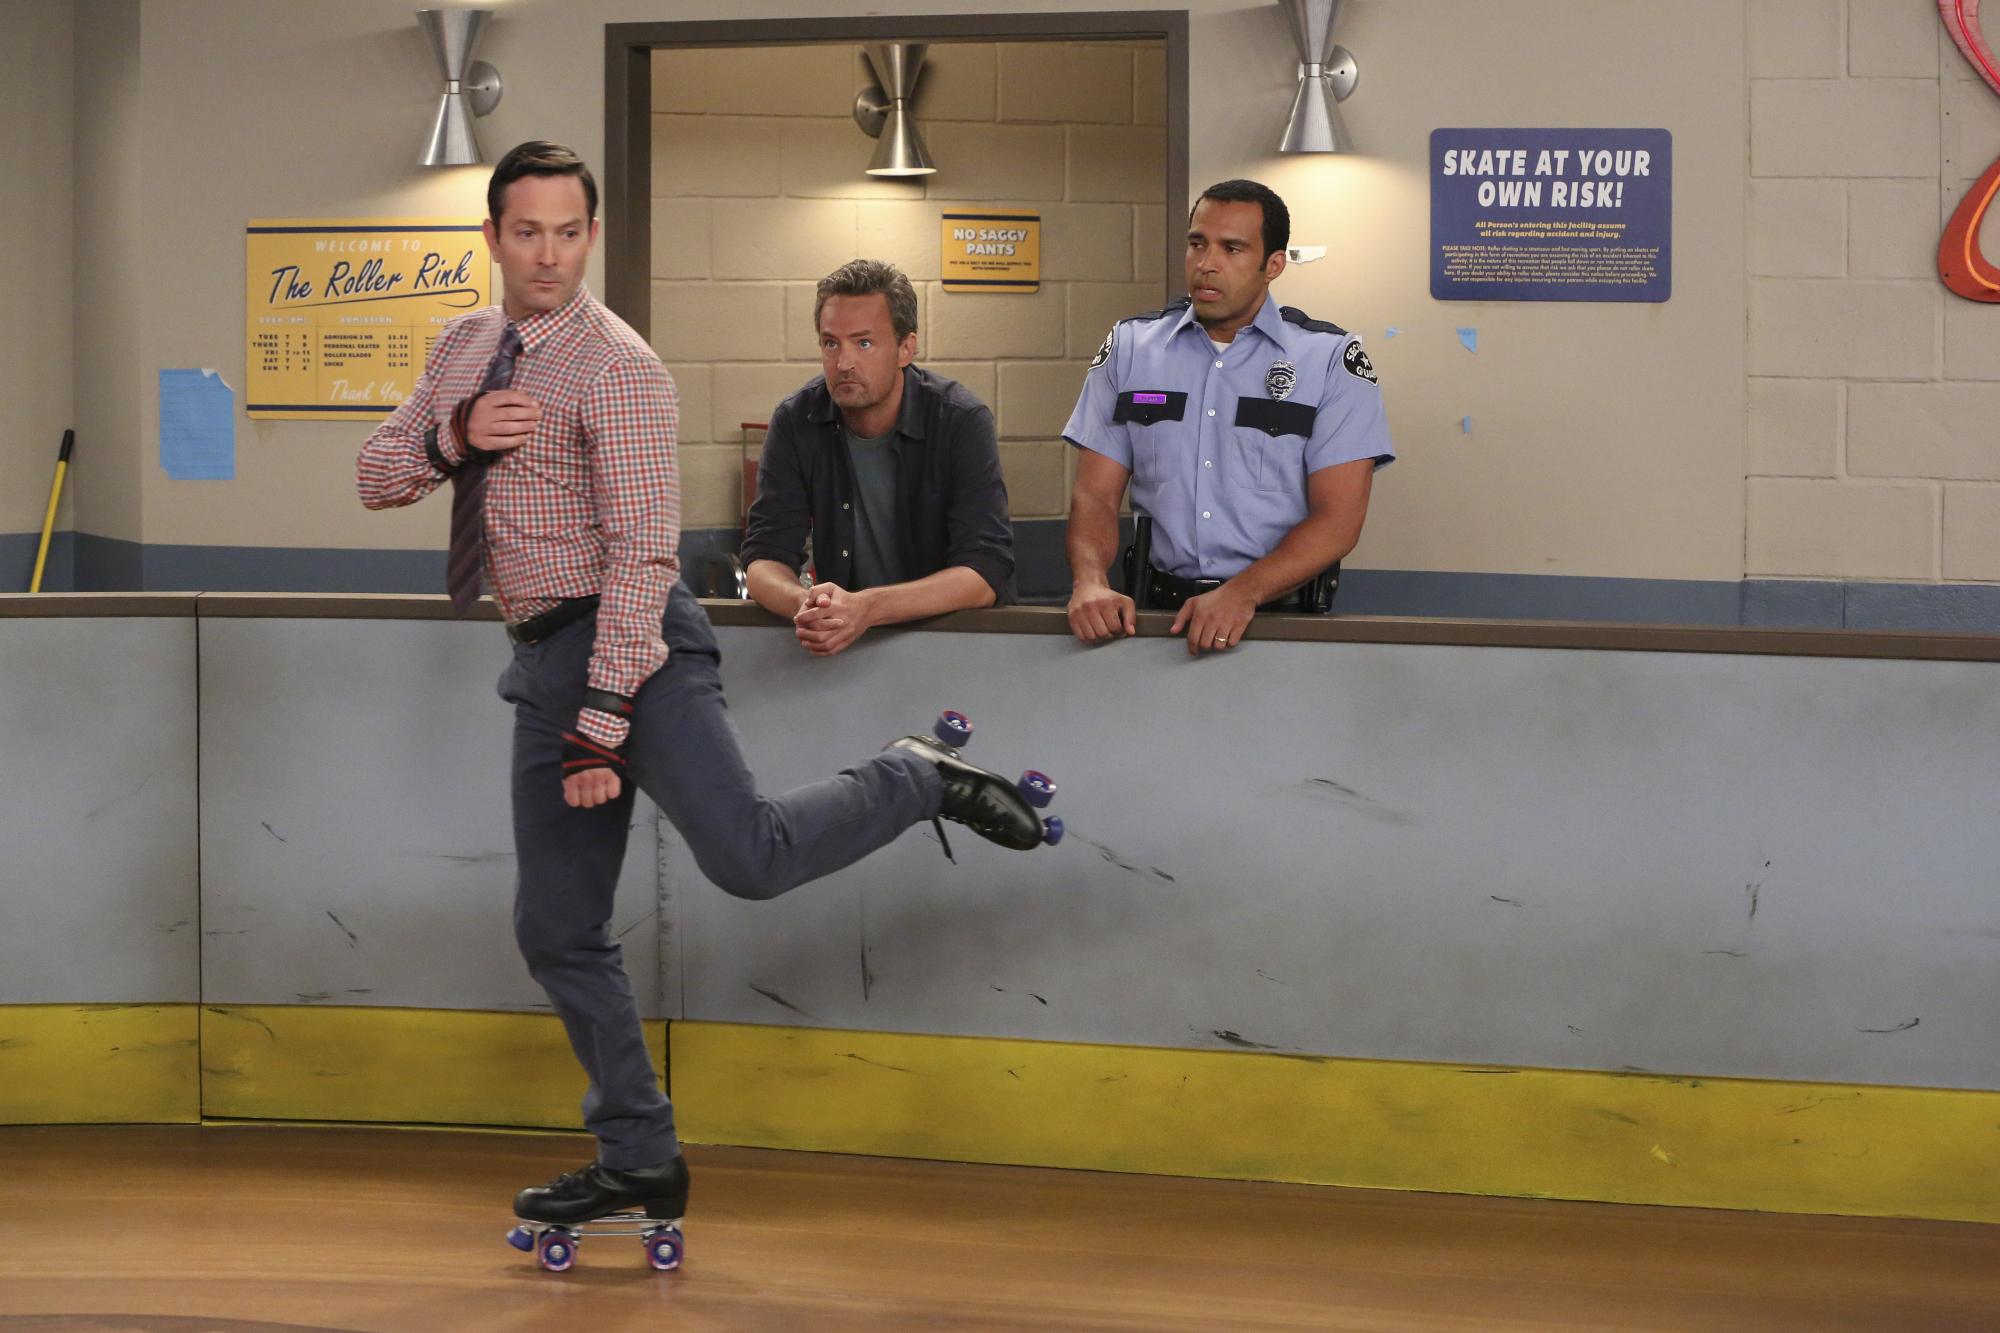 Felix on skates